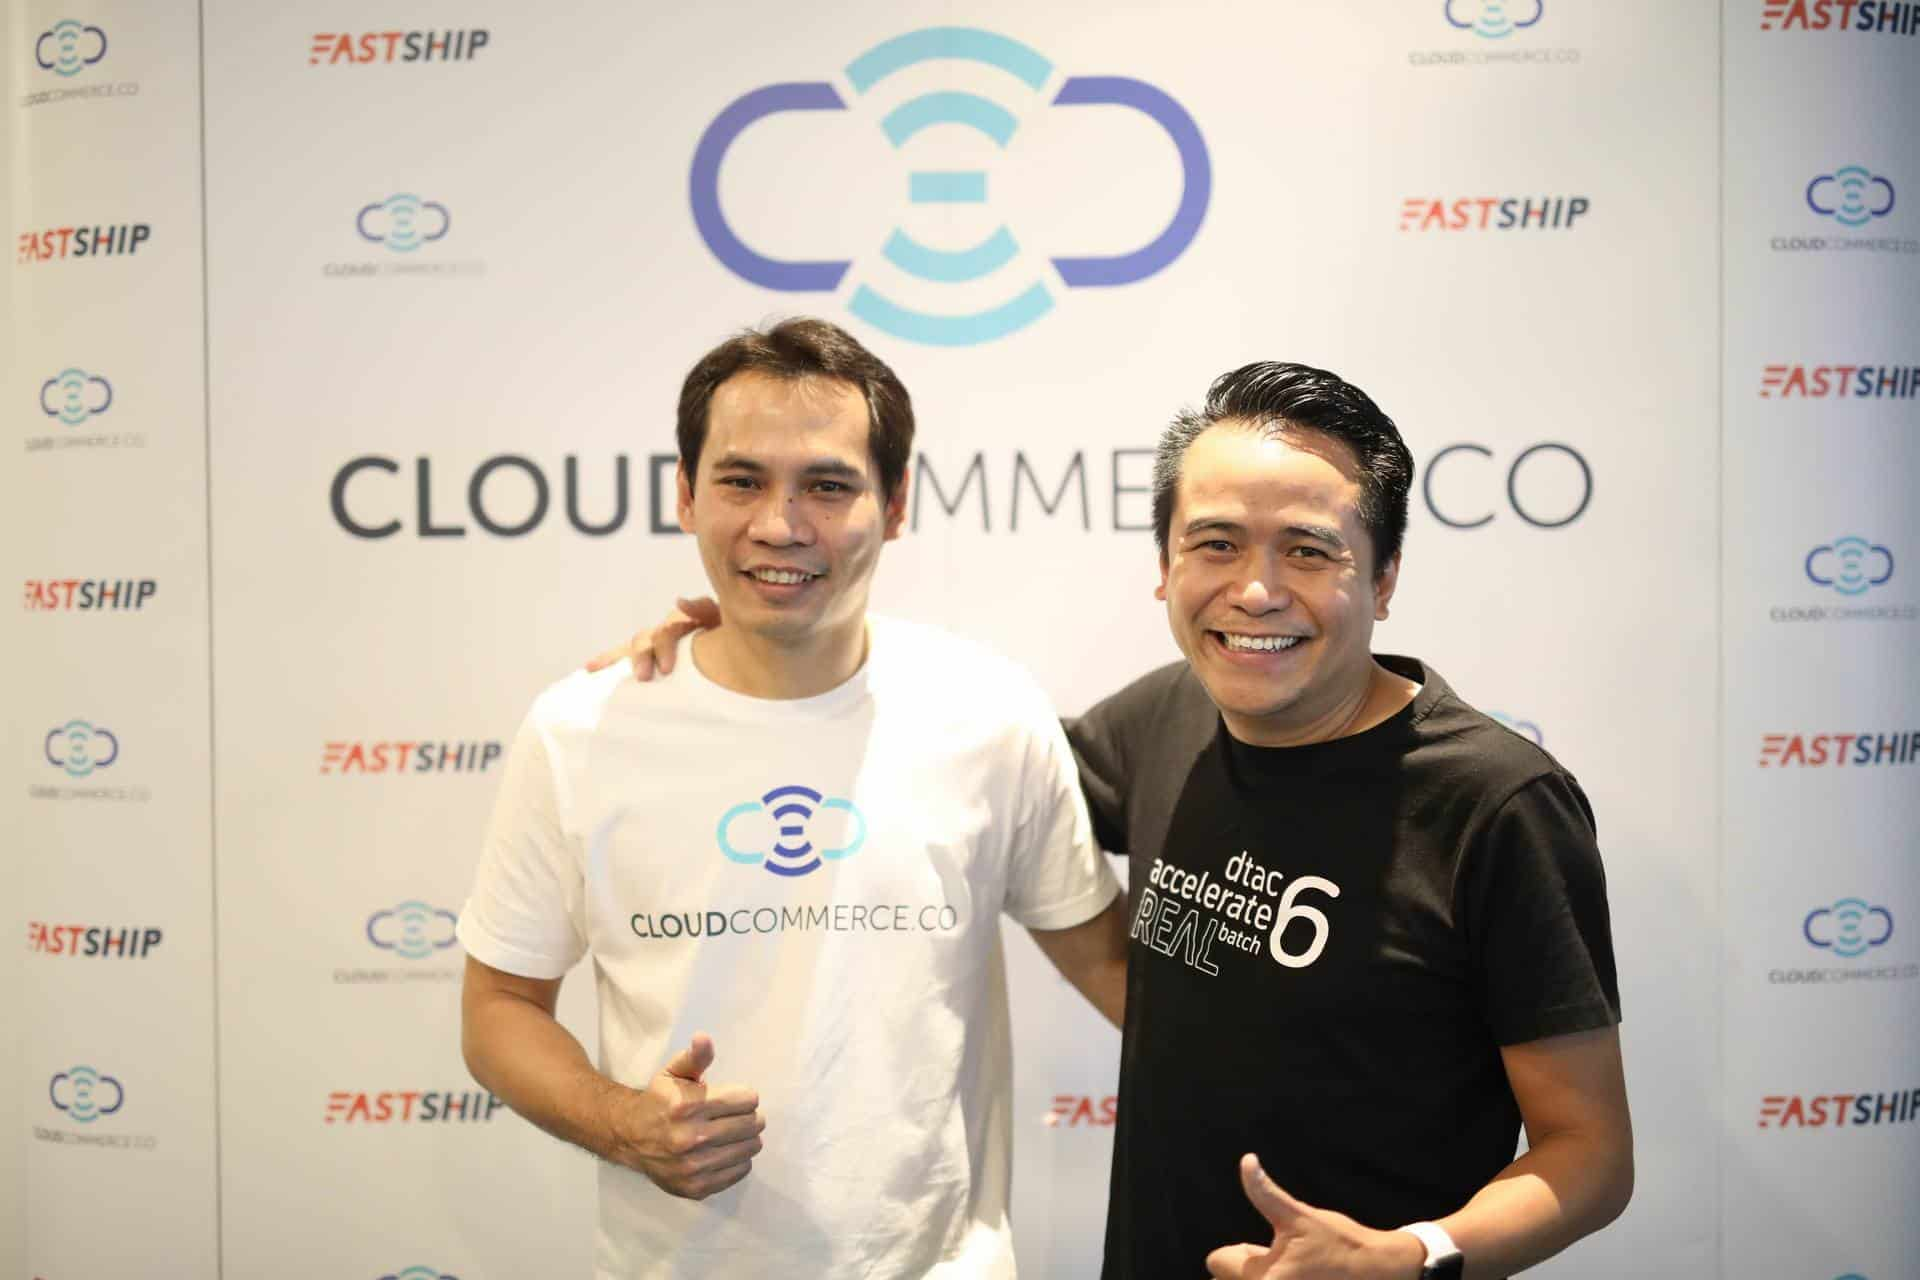 CloudCommerce3